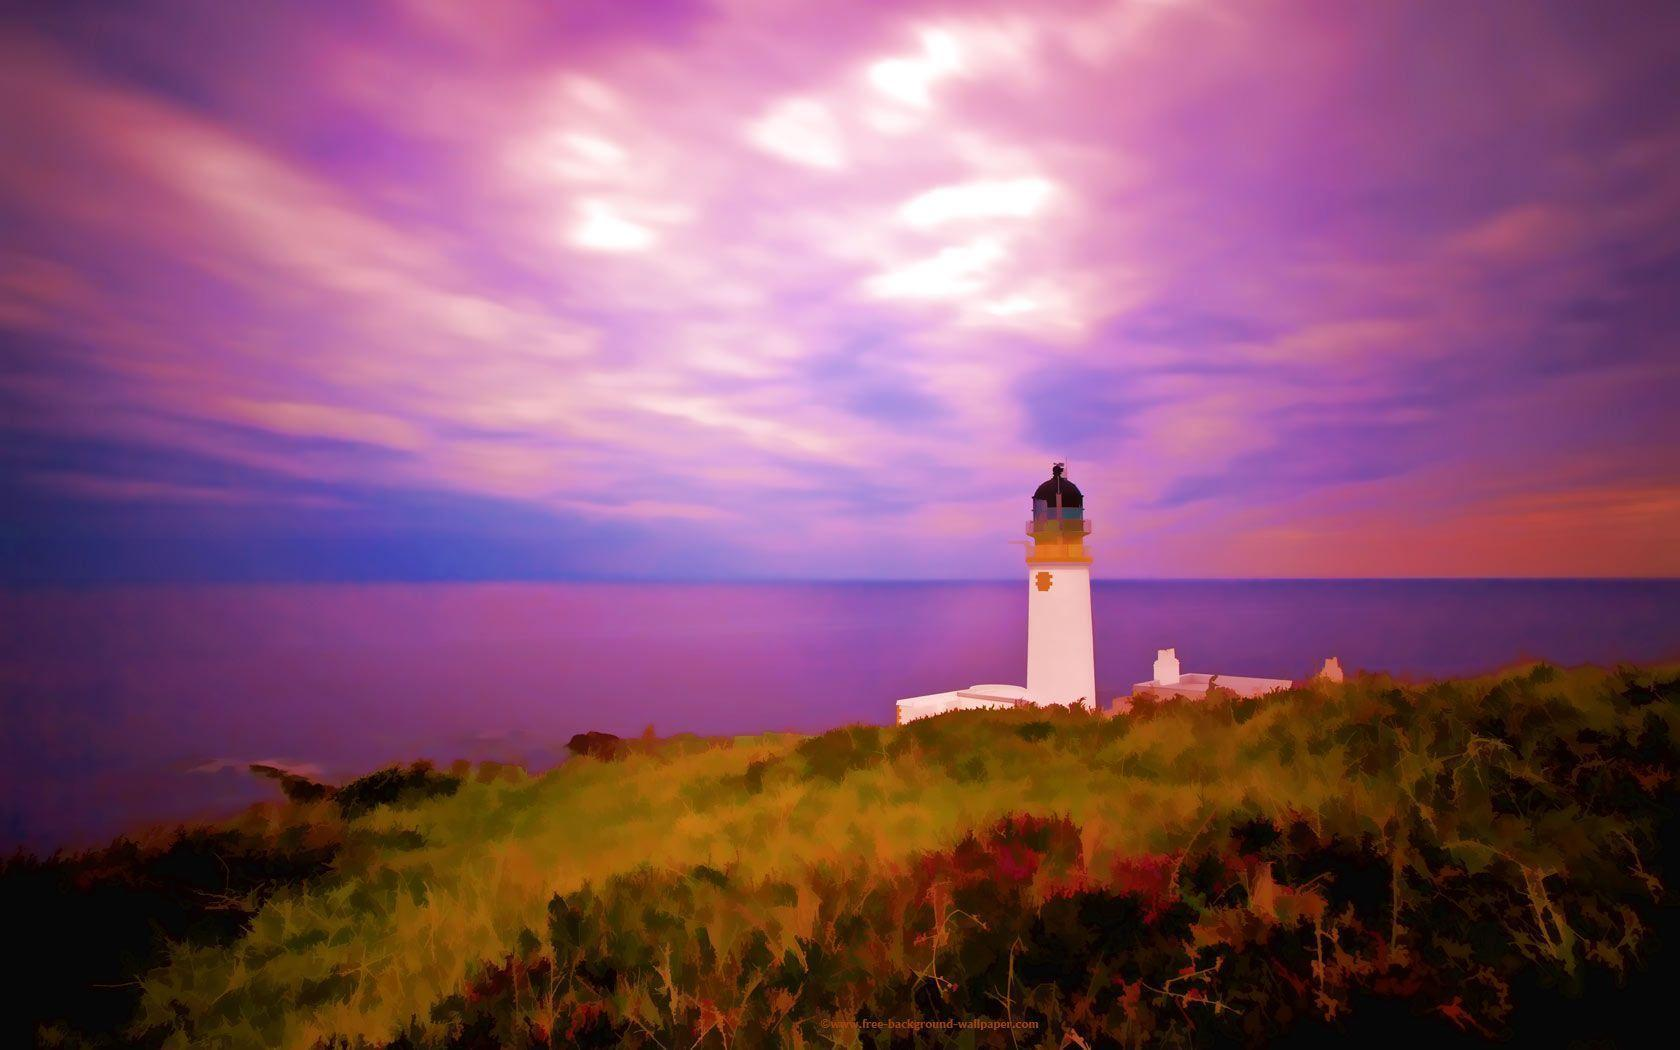 lighthouse wallpaper desktop - photo #37